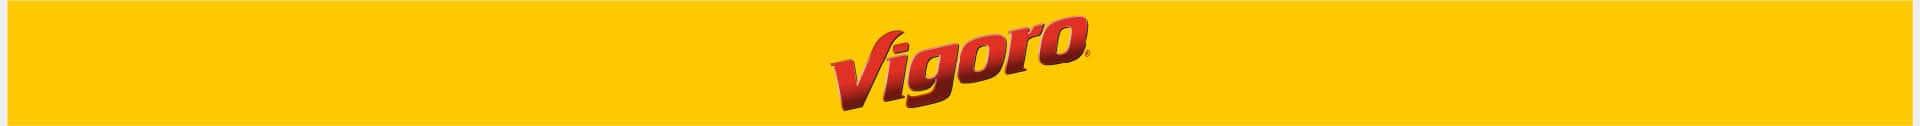 Vigoro